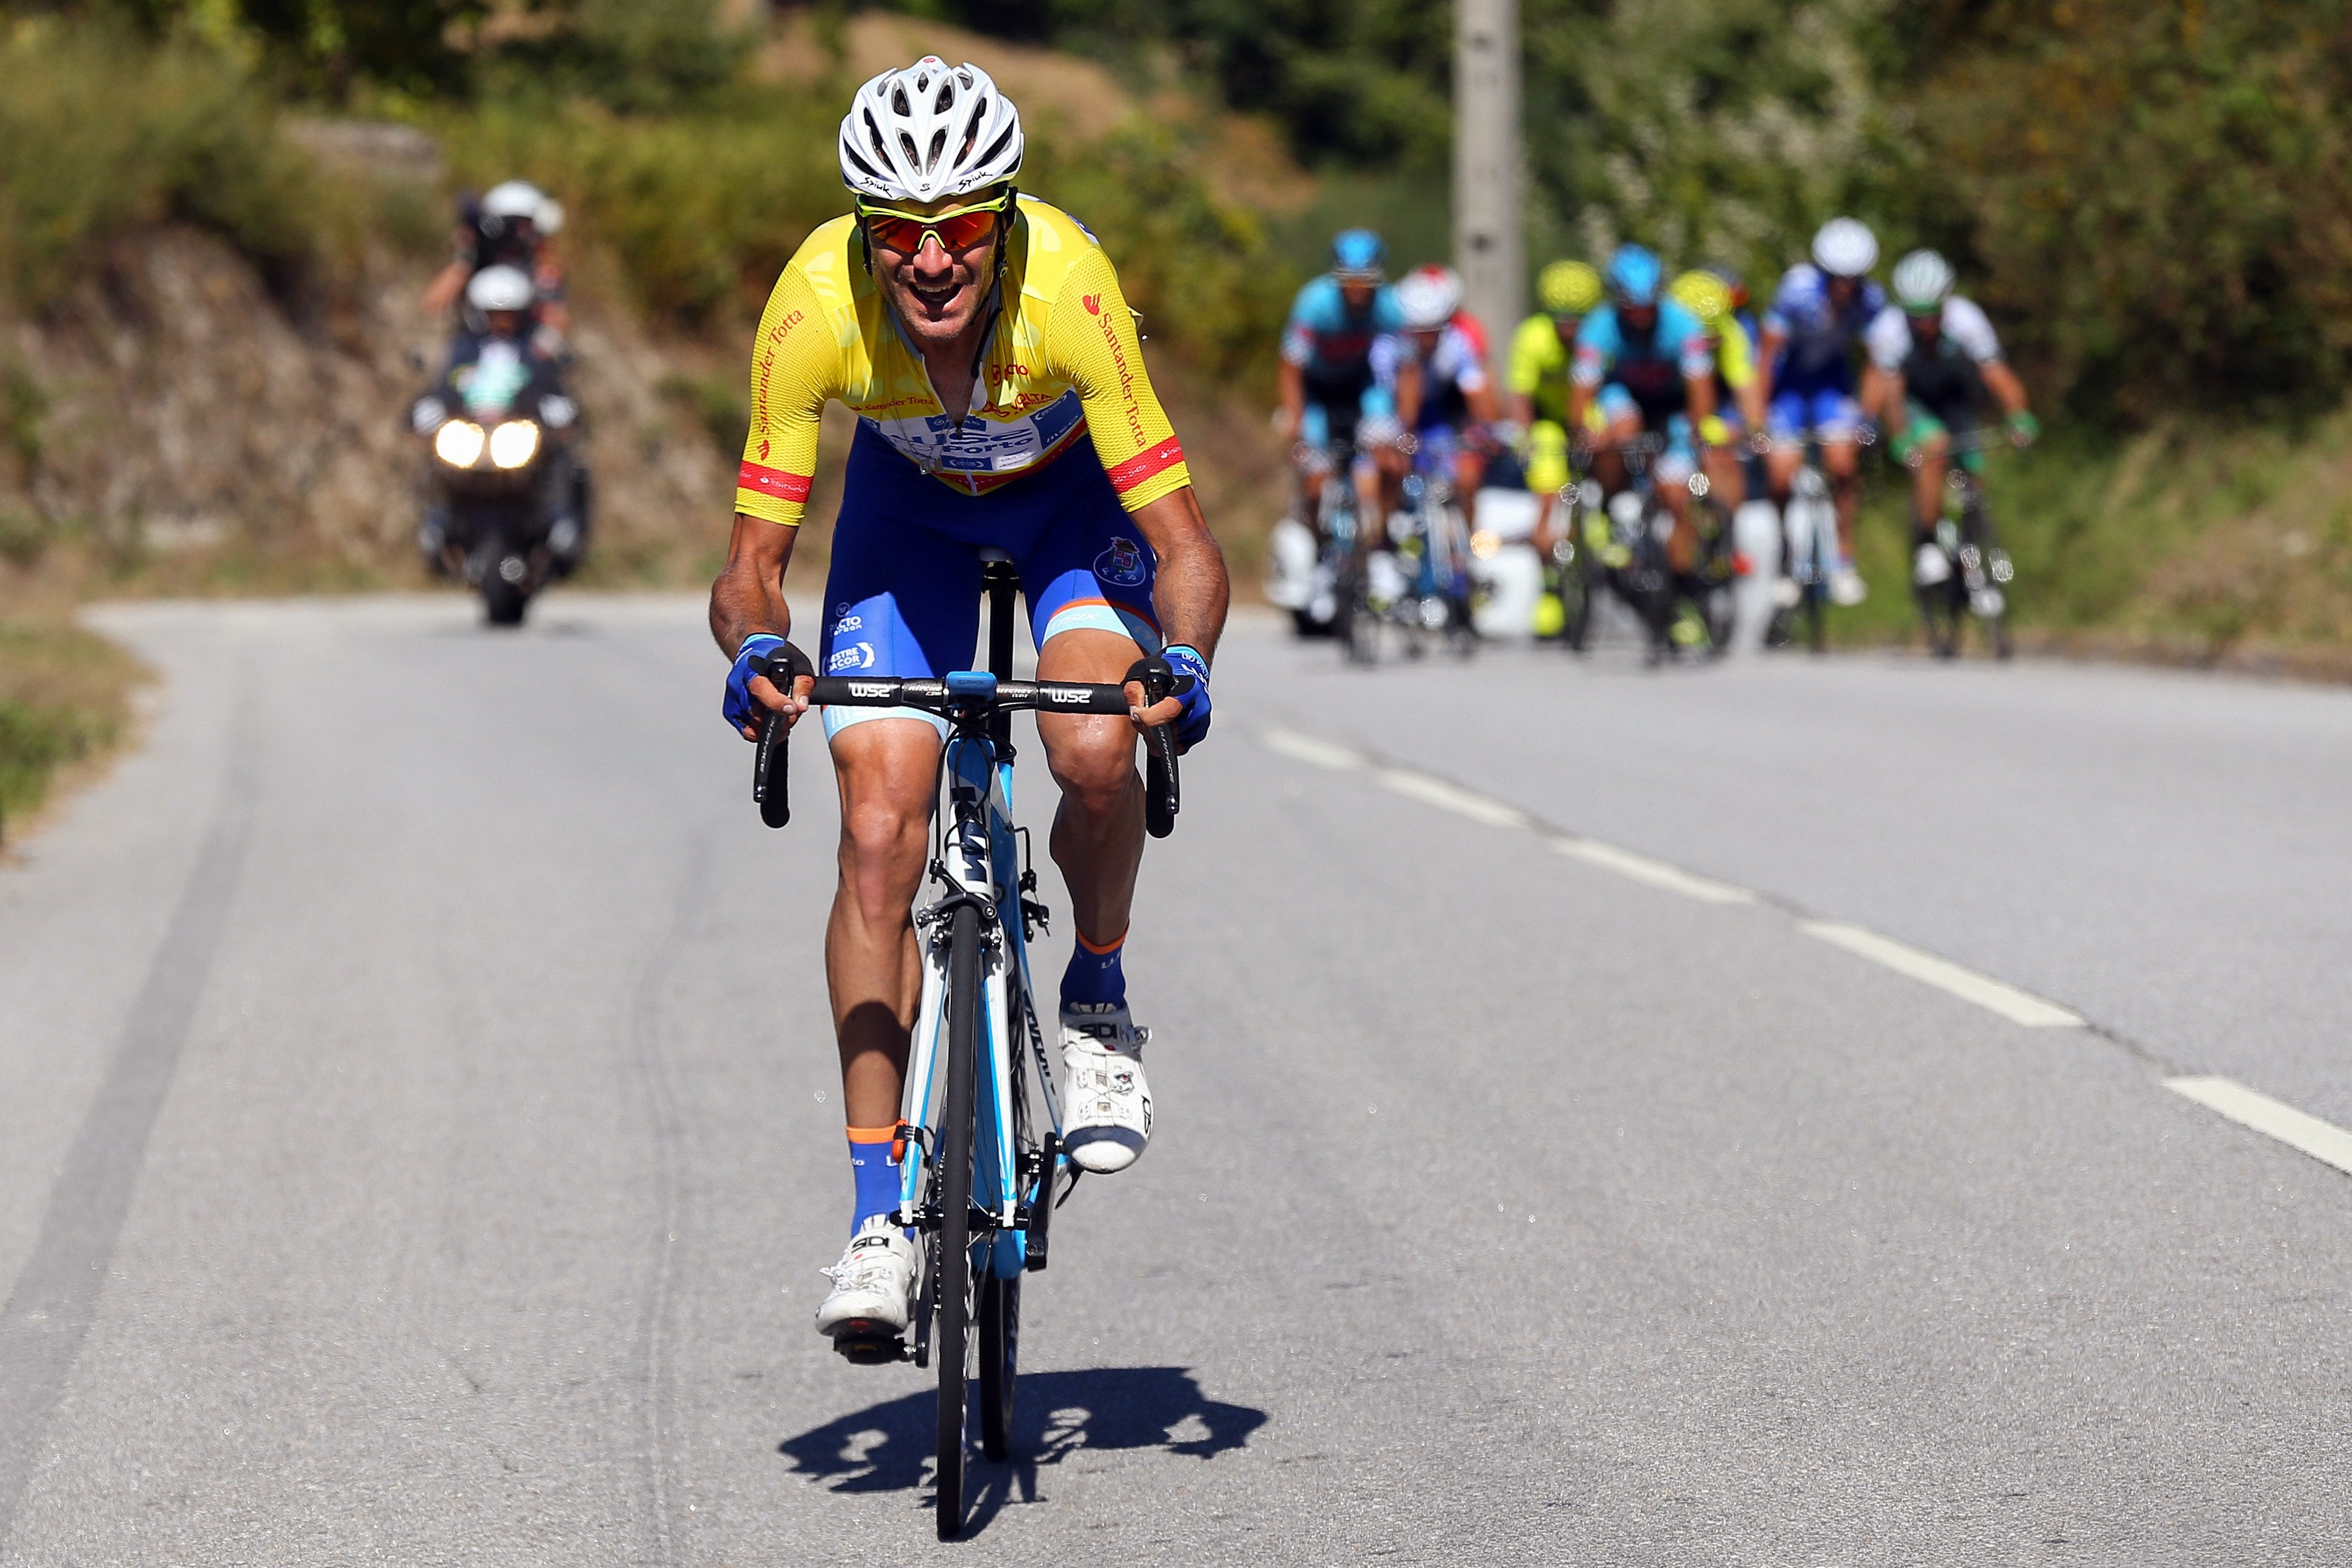 De Mateos vence etapa e sobe ao segundo lugar — Volta a Portugal